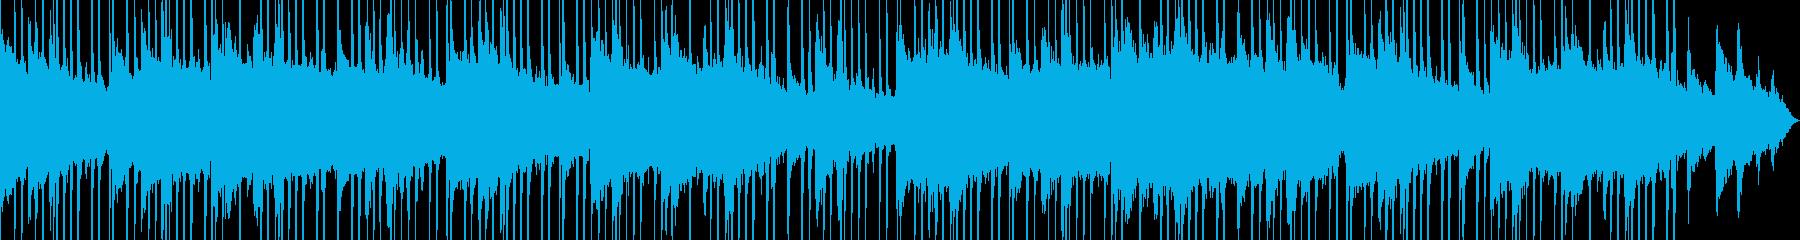 ピアノ主体のゆったり/お洒落ヒップホップの再生済みの波形